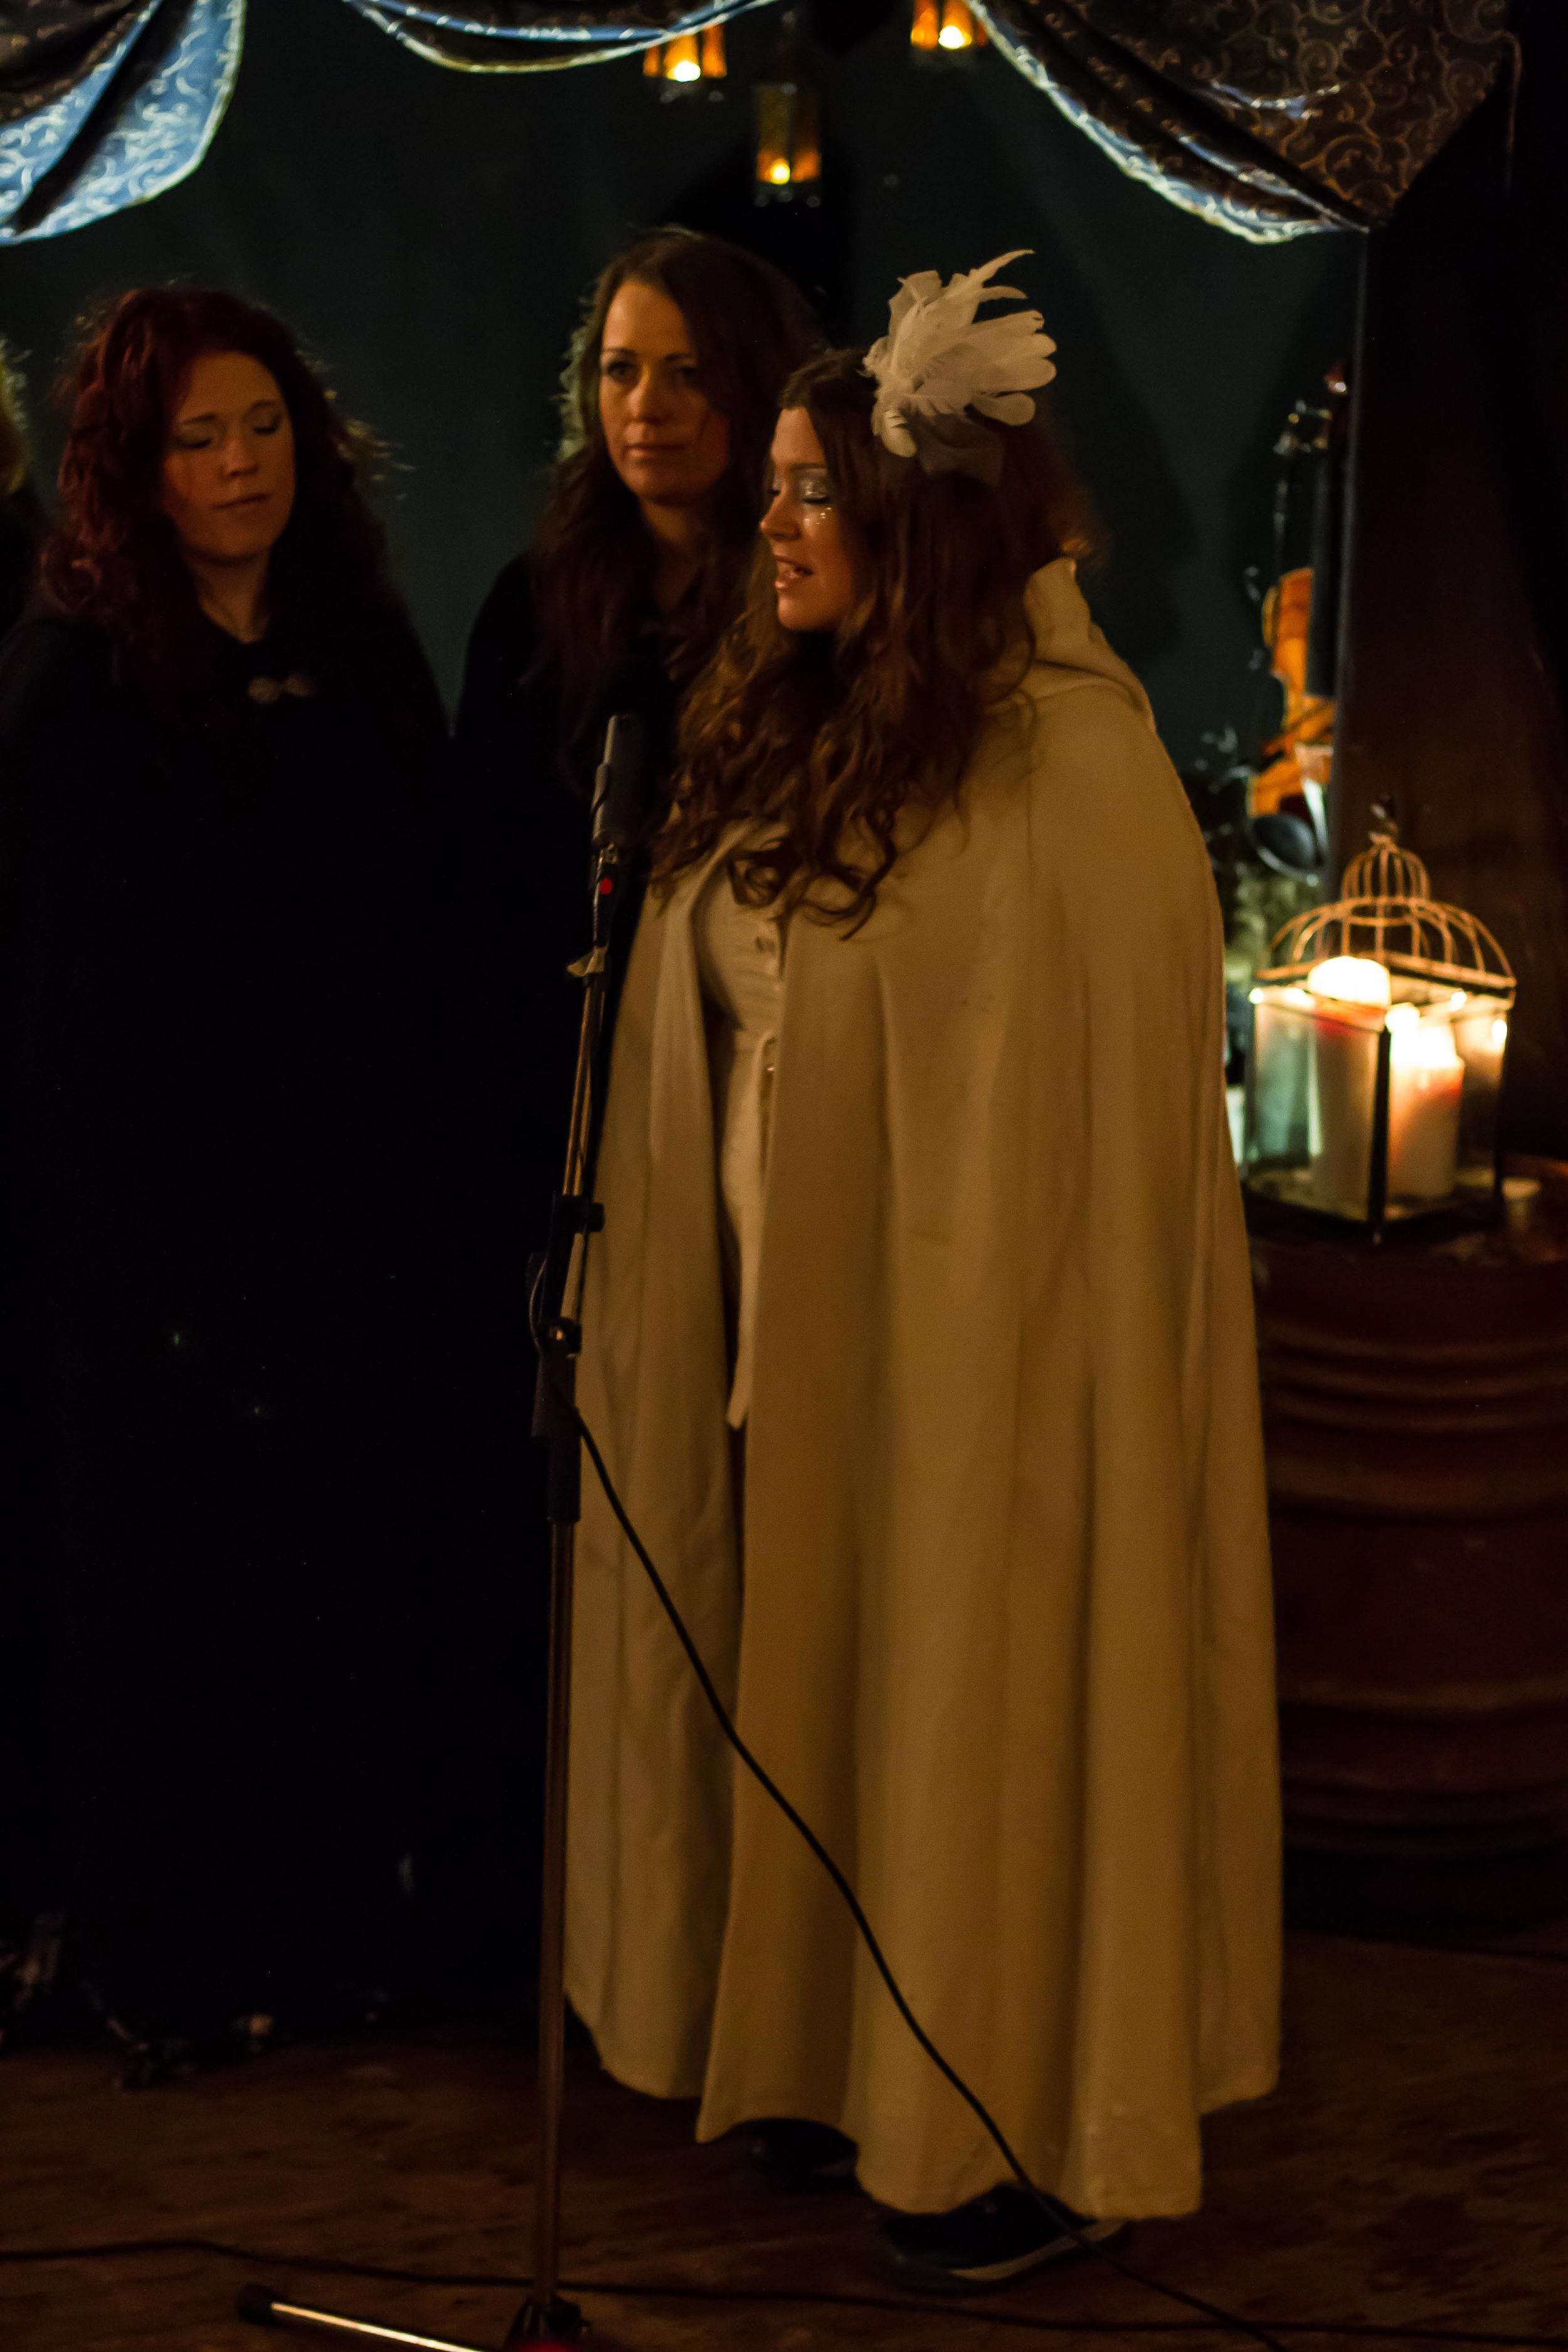 Lucia i folktron med Dimmerar'yn.